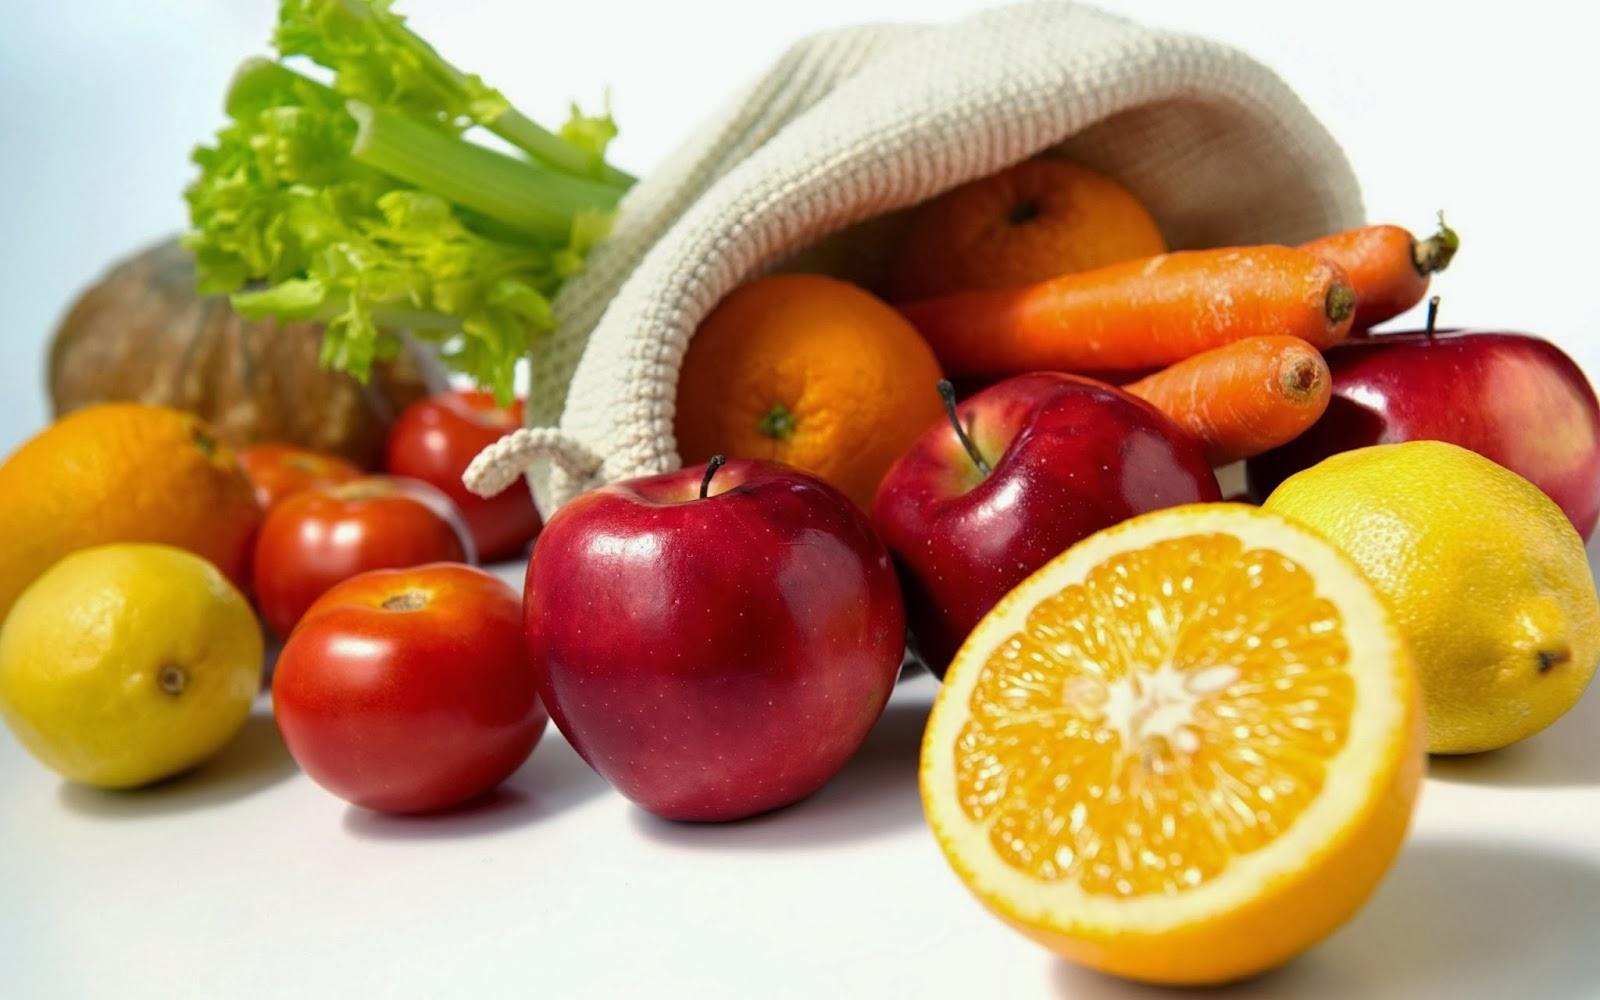 Terapi Herbal Buah Dan Sayuran Terapi Herbal Makanan Dan